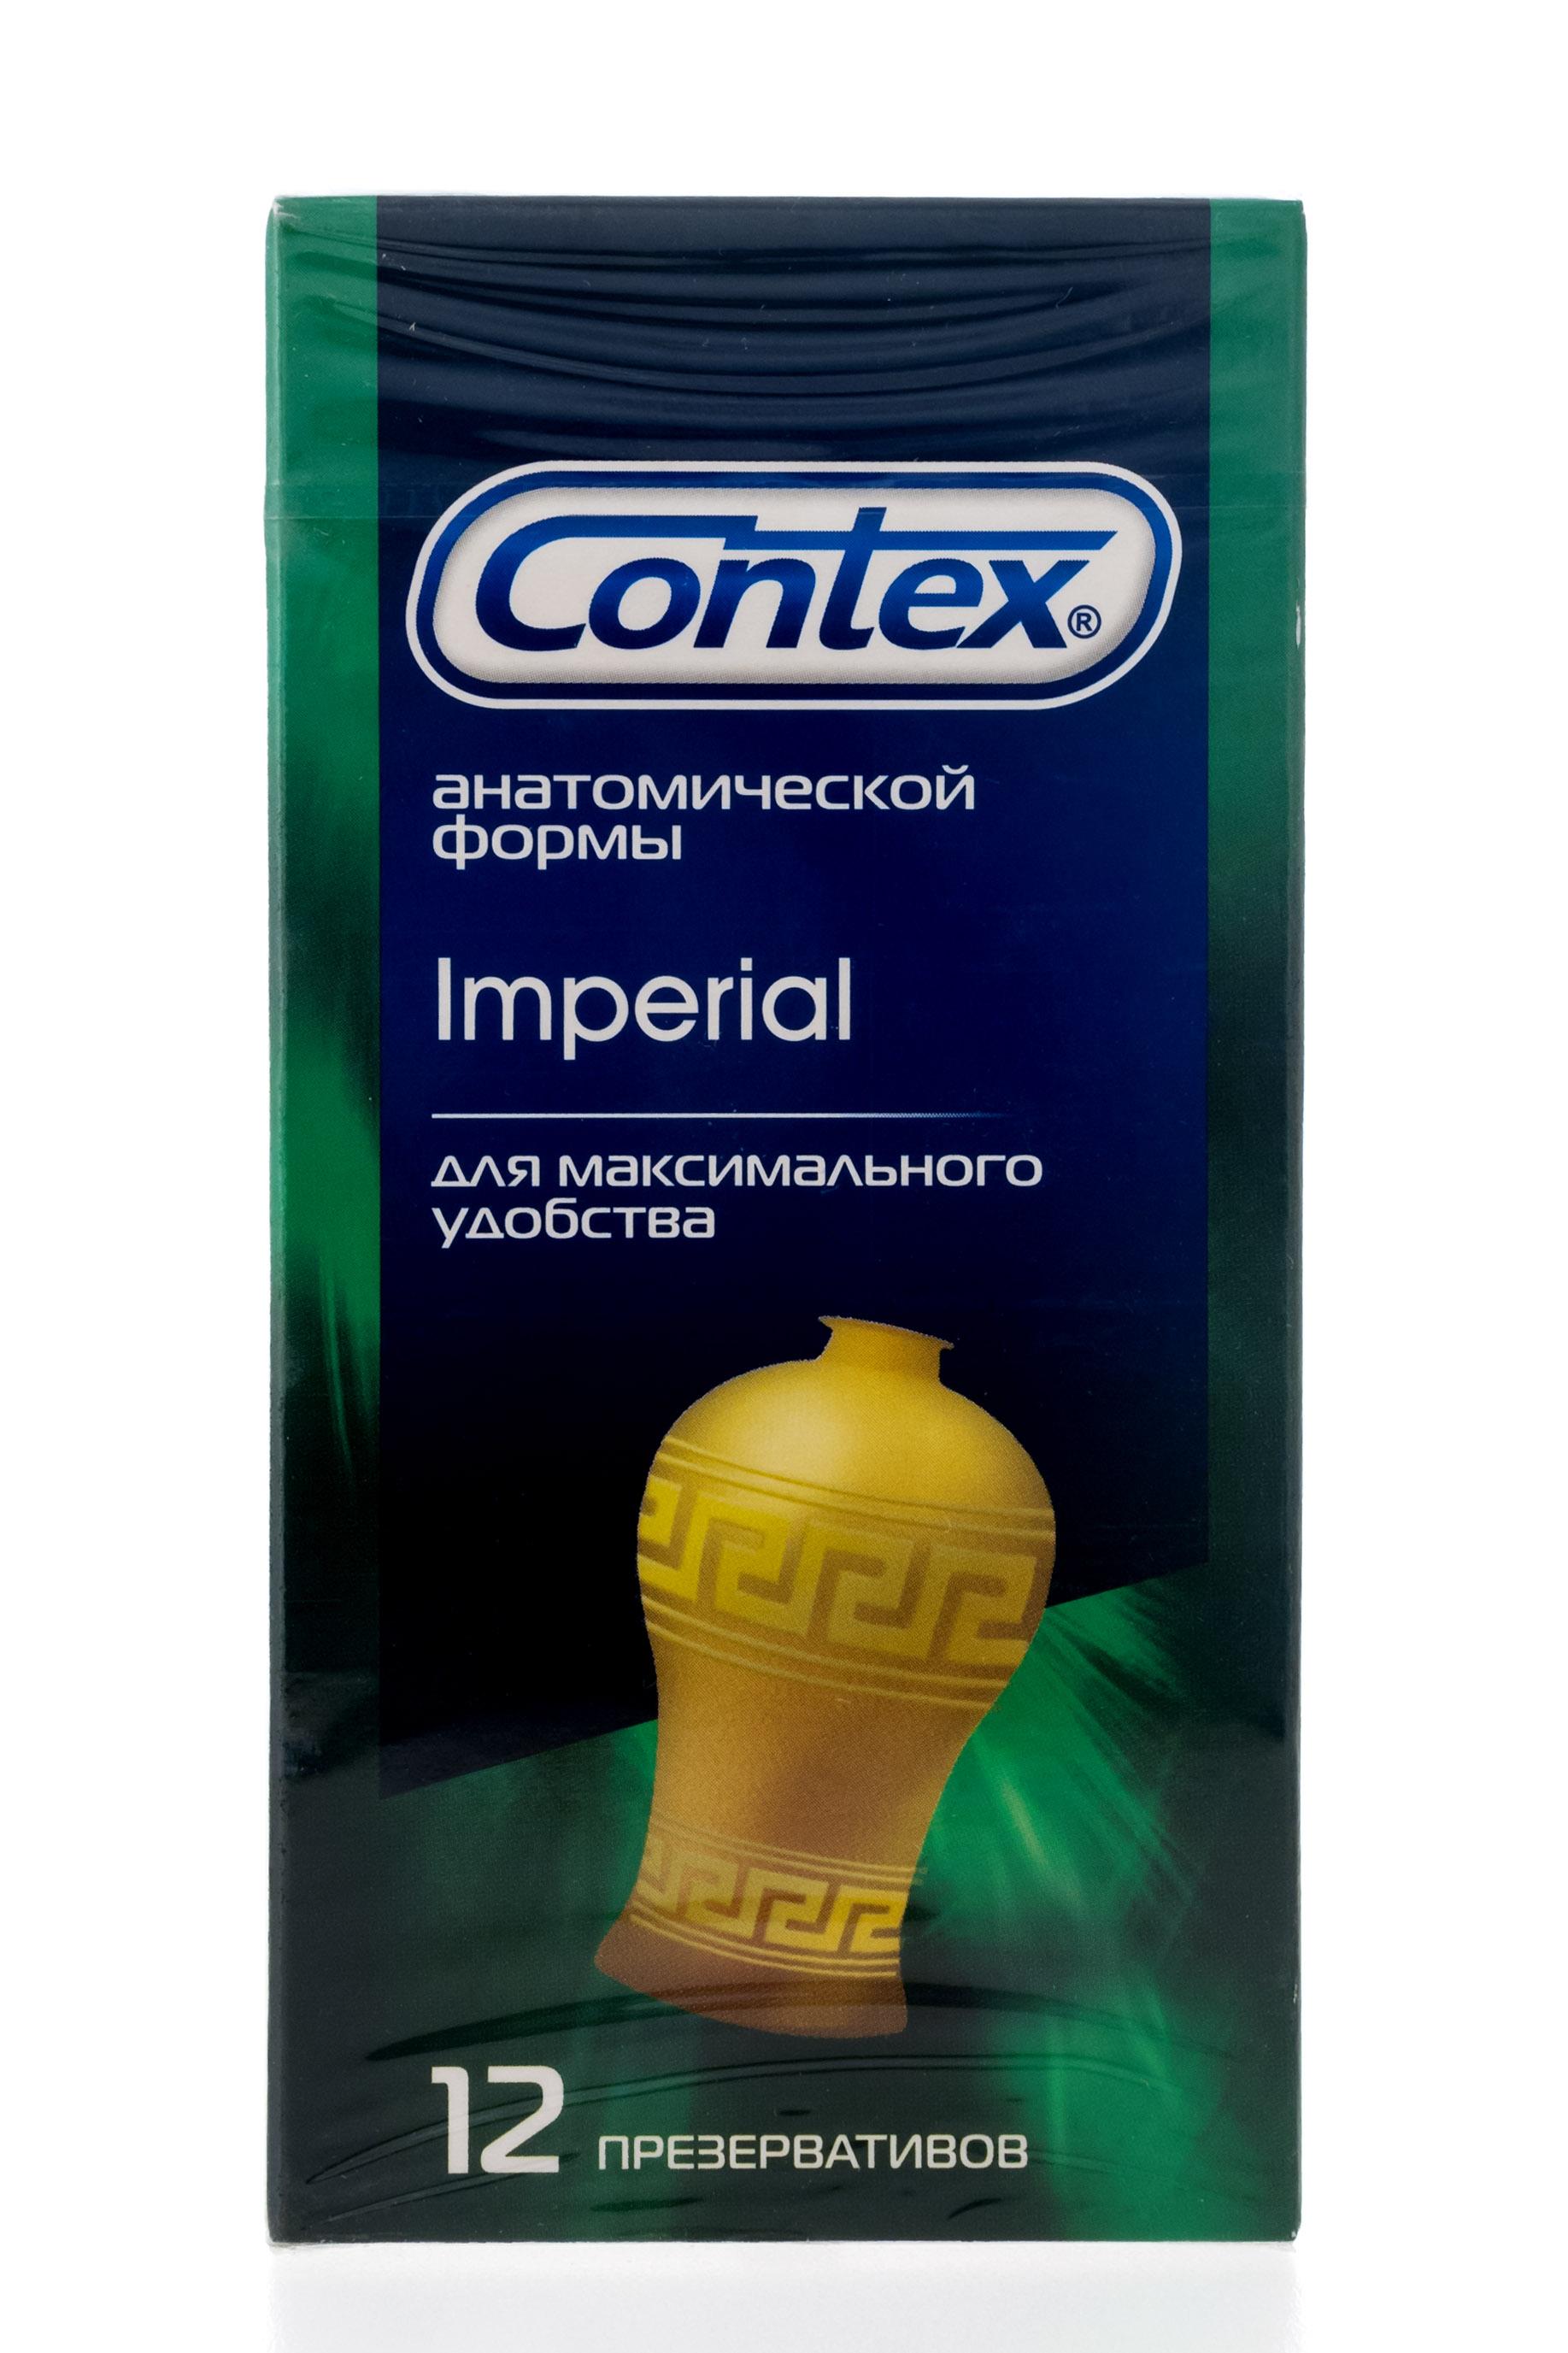 Презервативы Imperial 12 (Contex, Презервативы) contex imperial 3 уп по 12 шт durex naturals 100 мл в подарок анатомичные презервативы 100